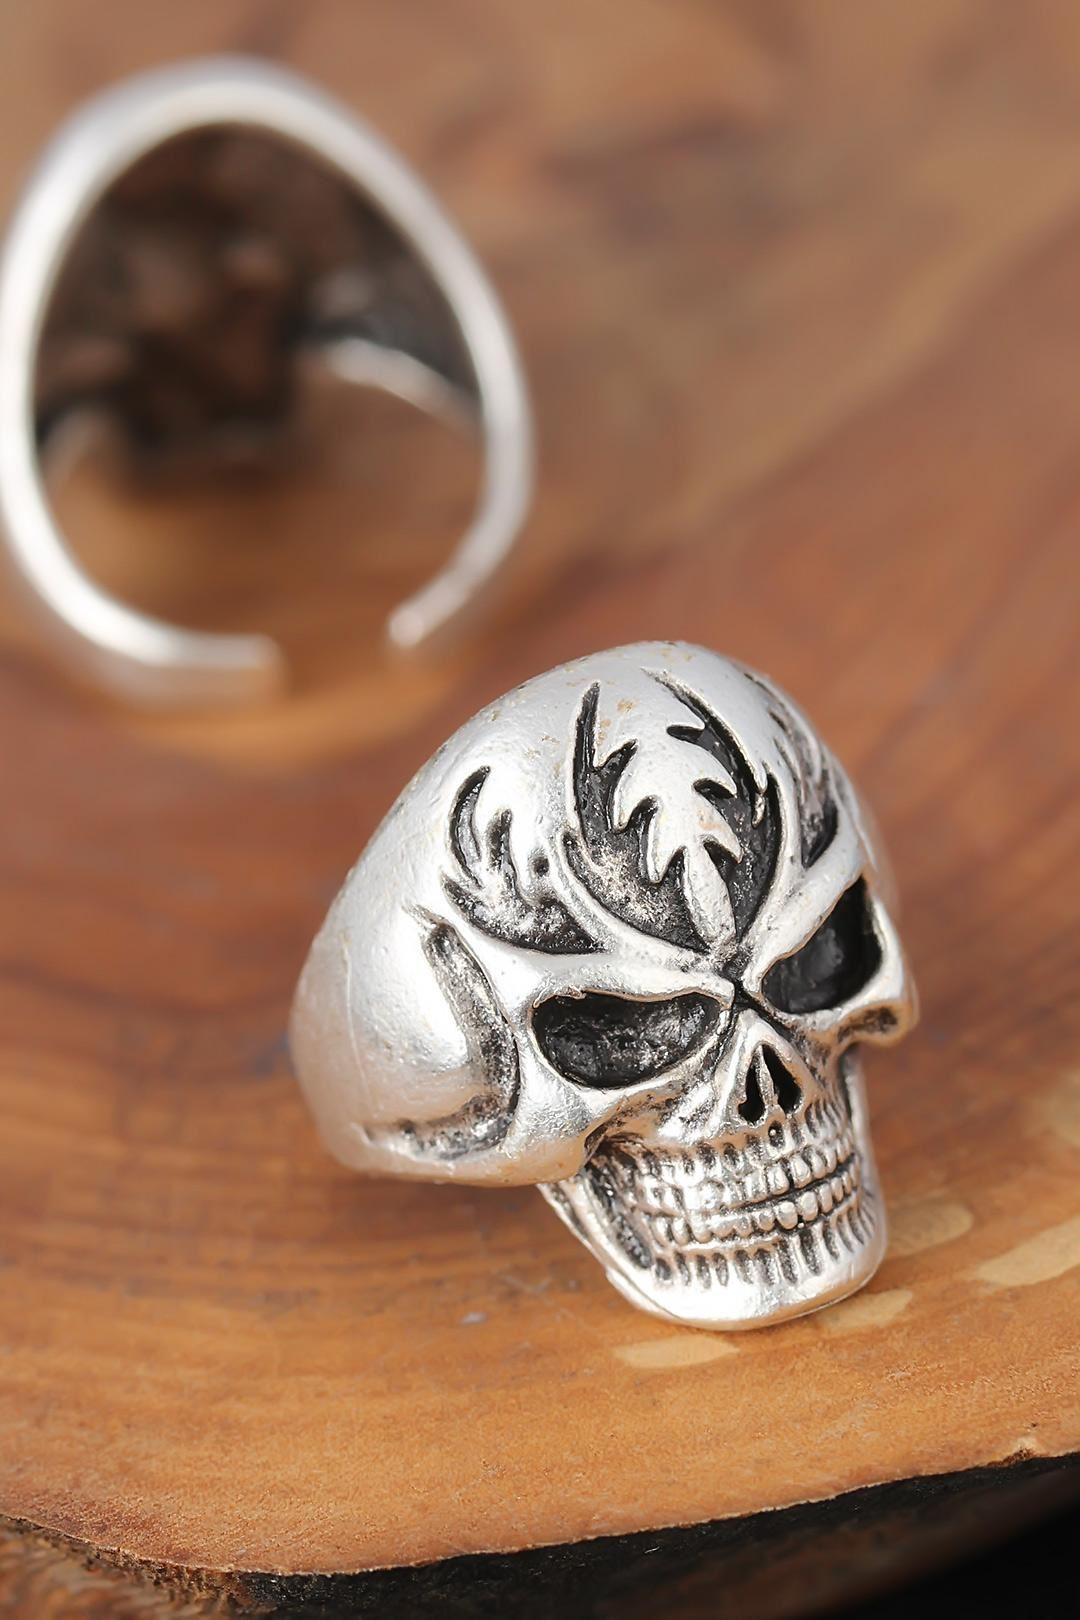 Metal Kuru Kafalı Gümüş Renk Erkek Yüzük